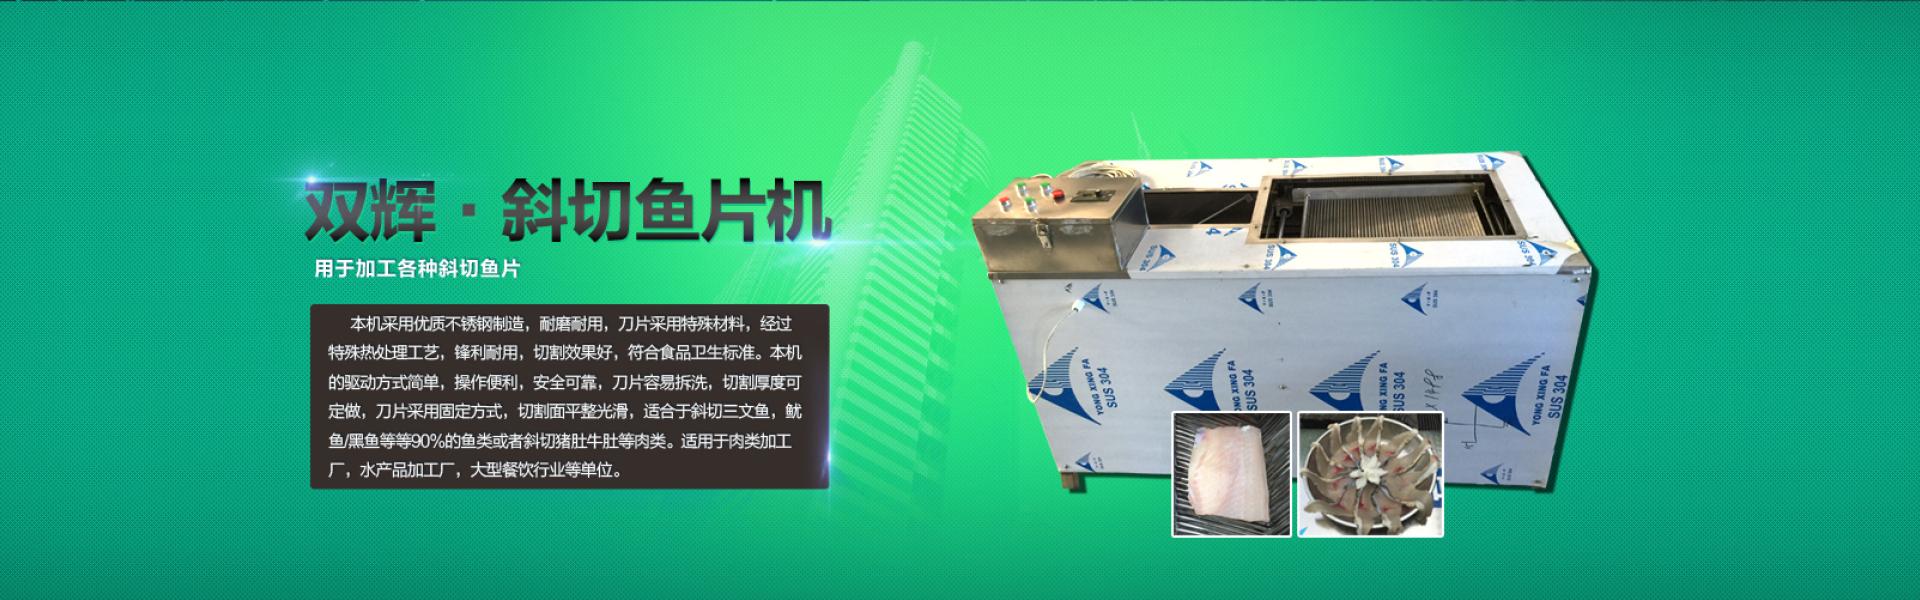 肇慶市鼎湖雙輝機械有限公司主要生產:切肉機,切菜機,殺魚機,切菜機小型,剝皮機。